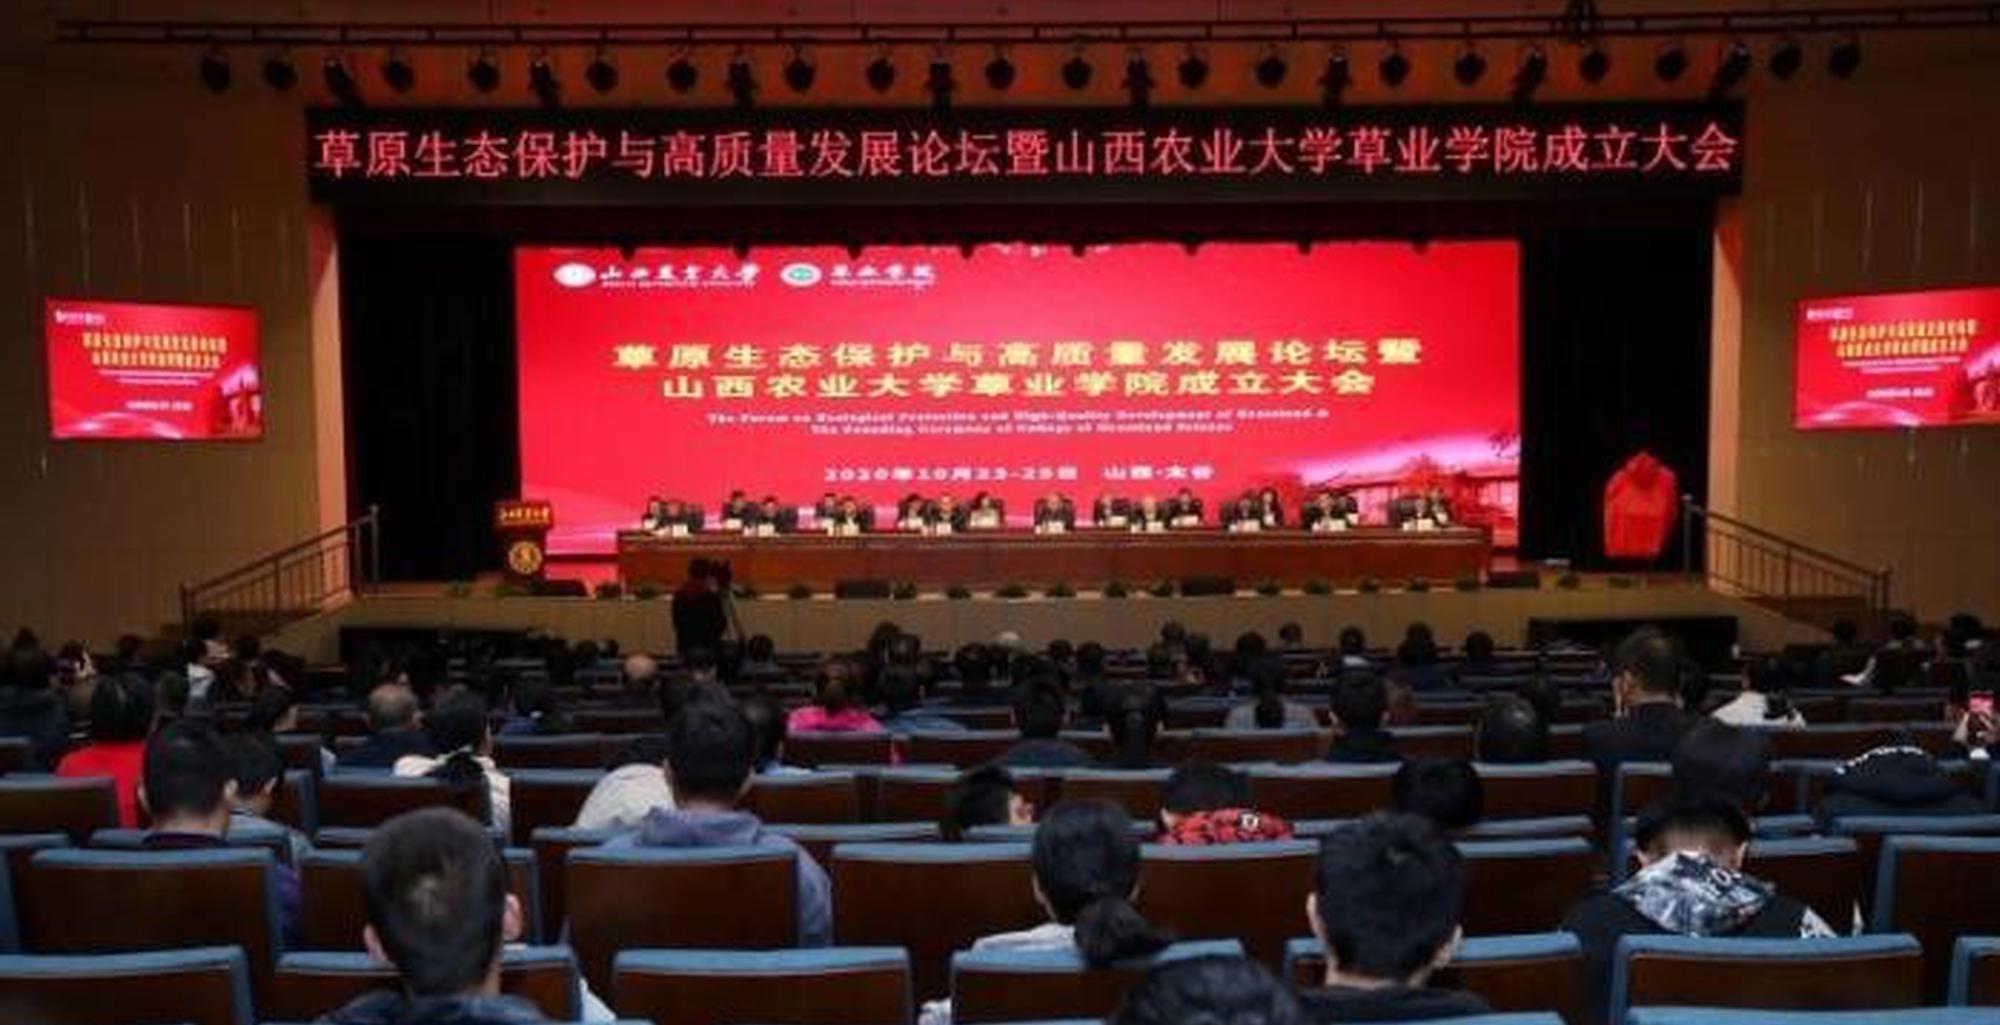 中国第十所草业学院在山西农业大学揭牌成立